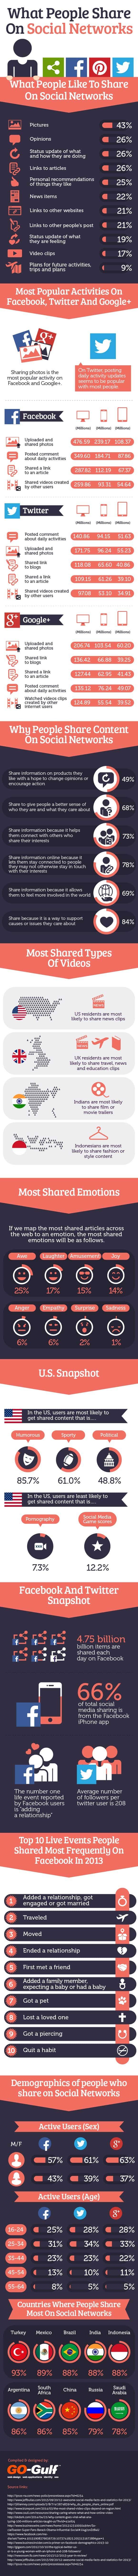 infographie-partage-reseaux-sociaux